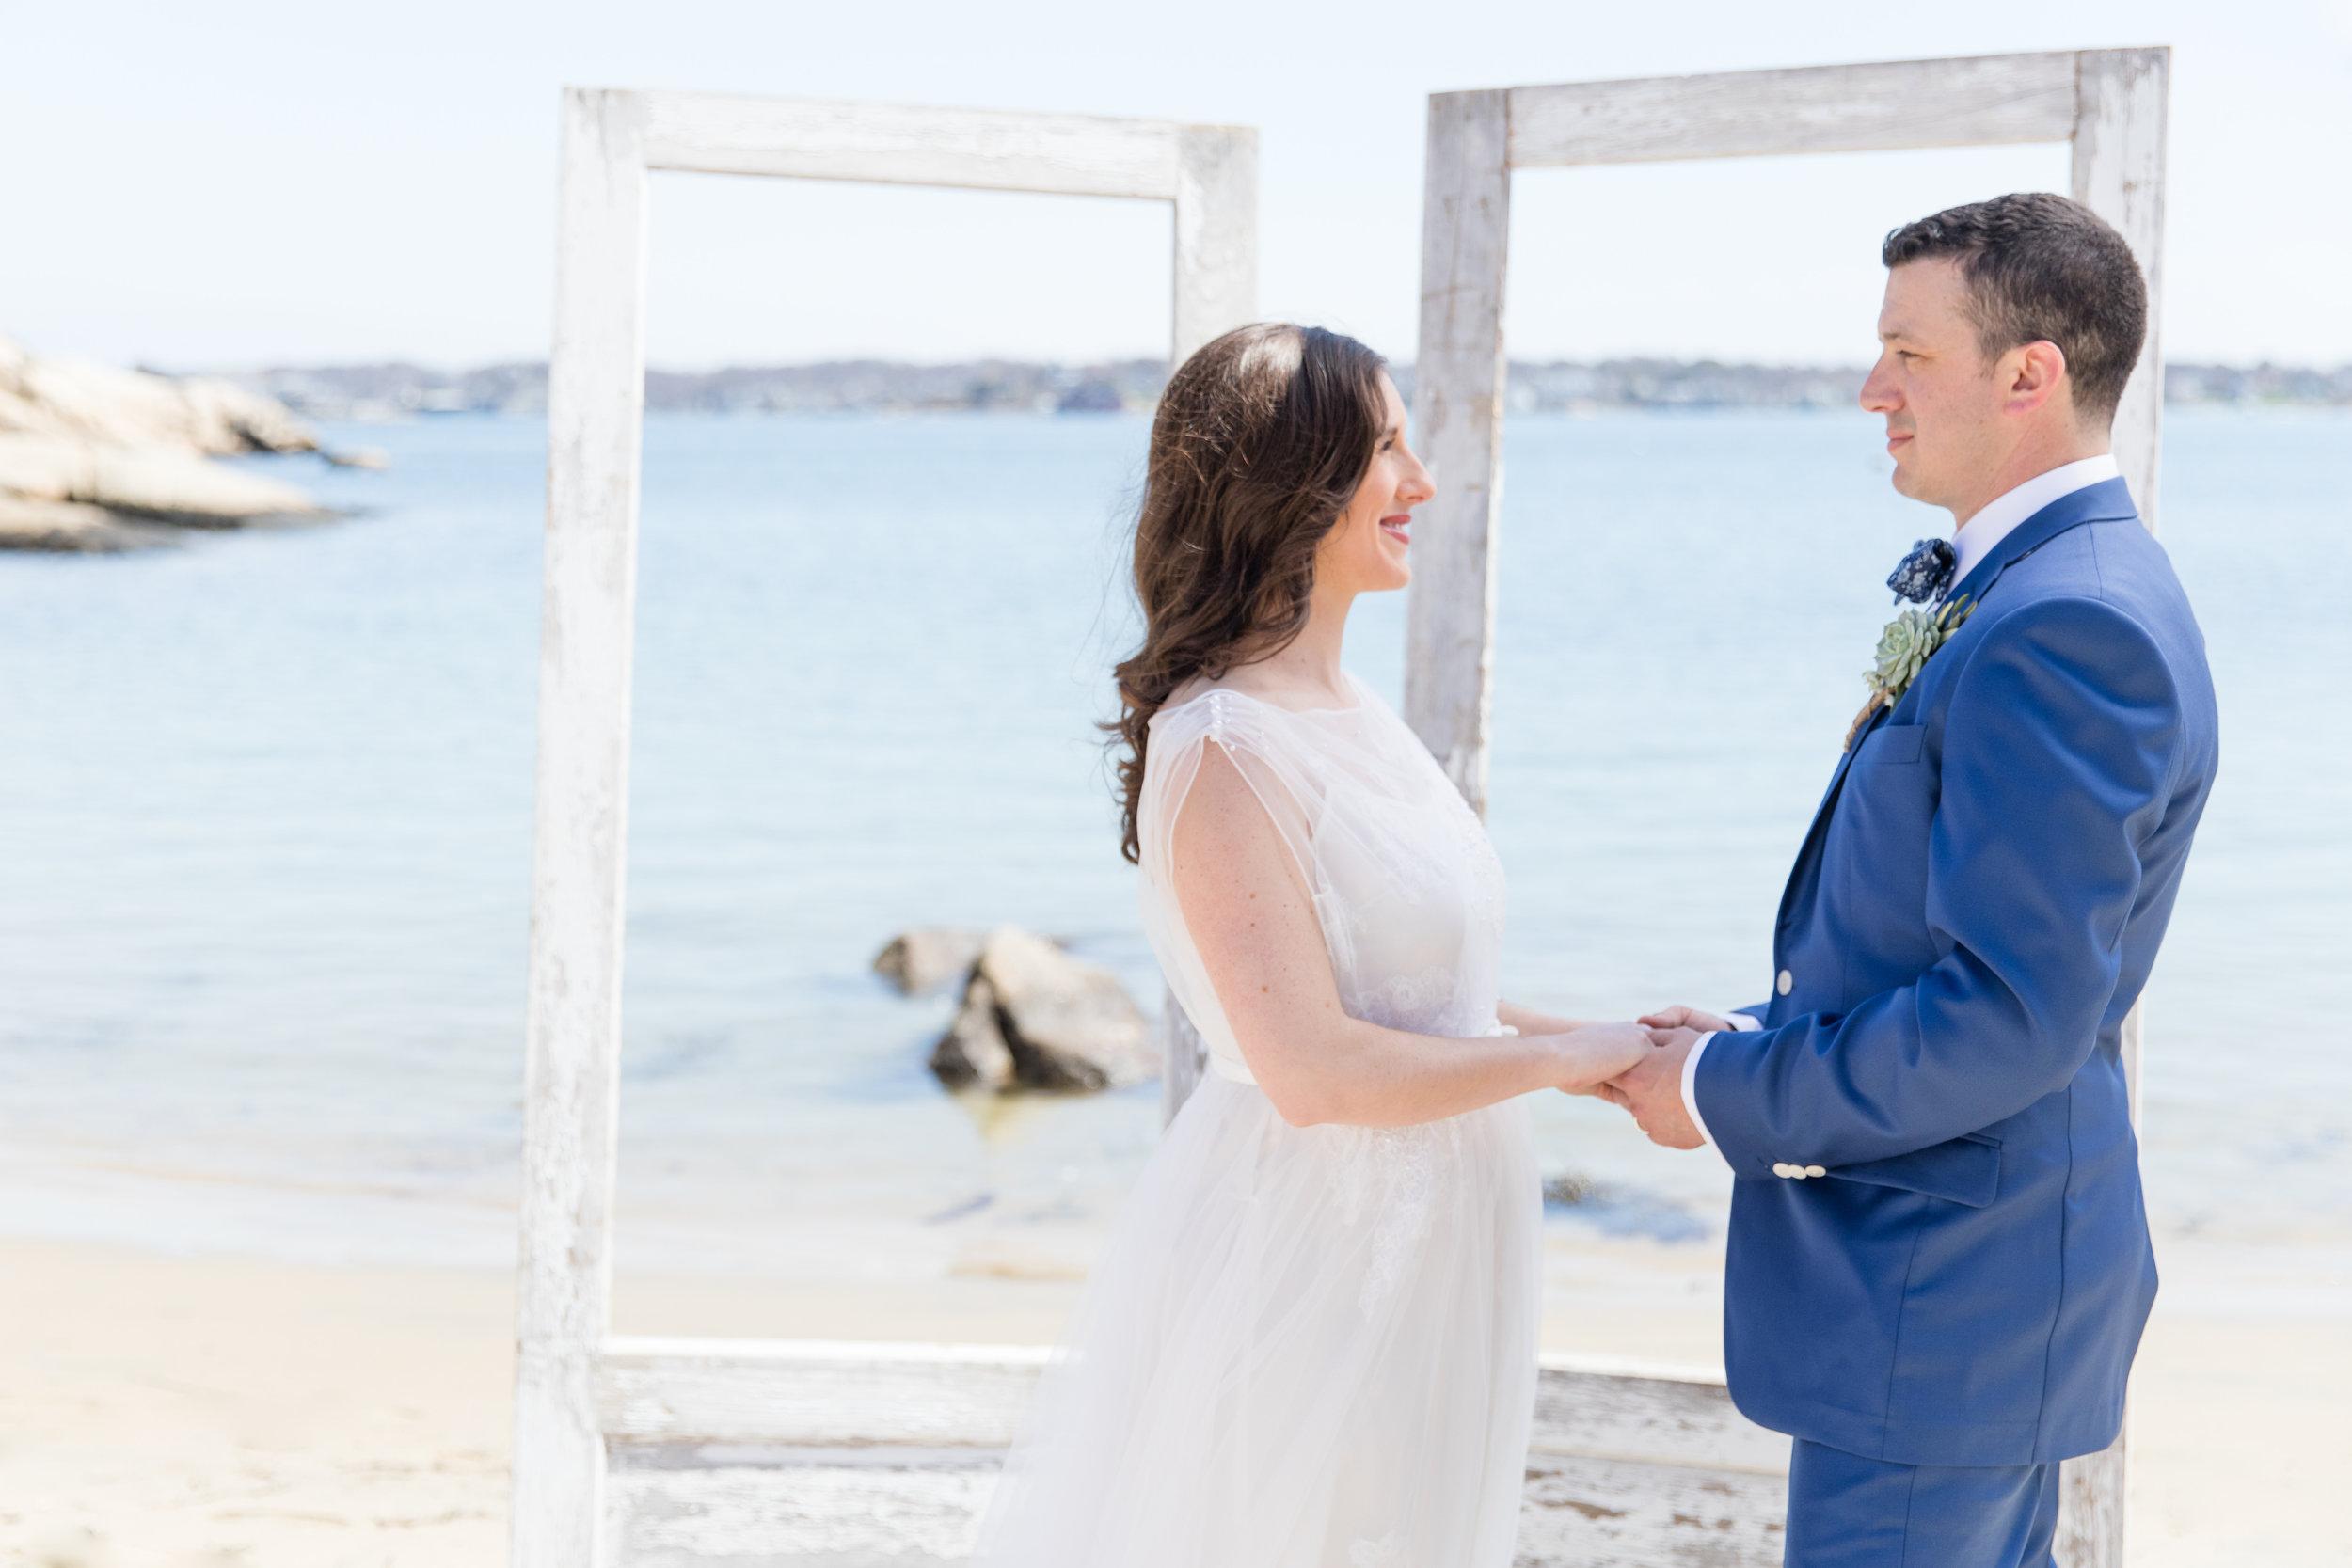 gloucester-ma-halfmoon-beach-elopement-4898.jpg